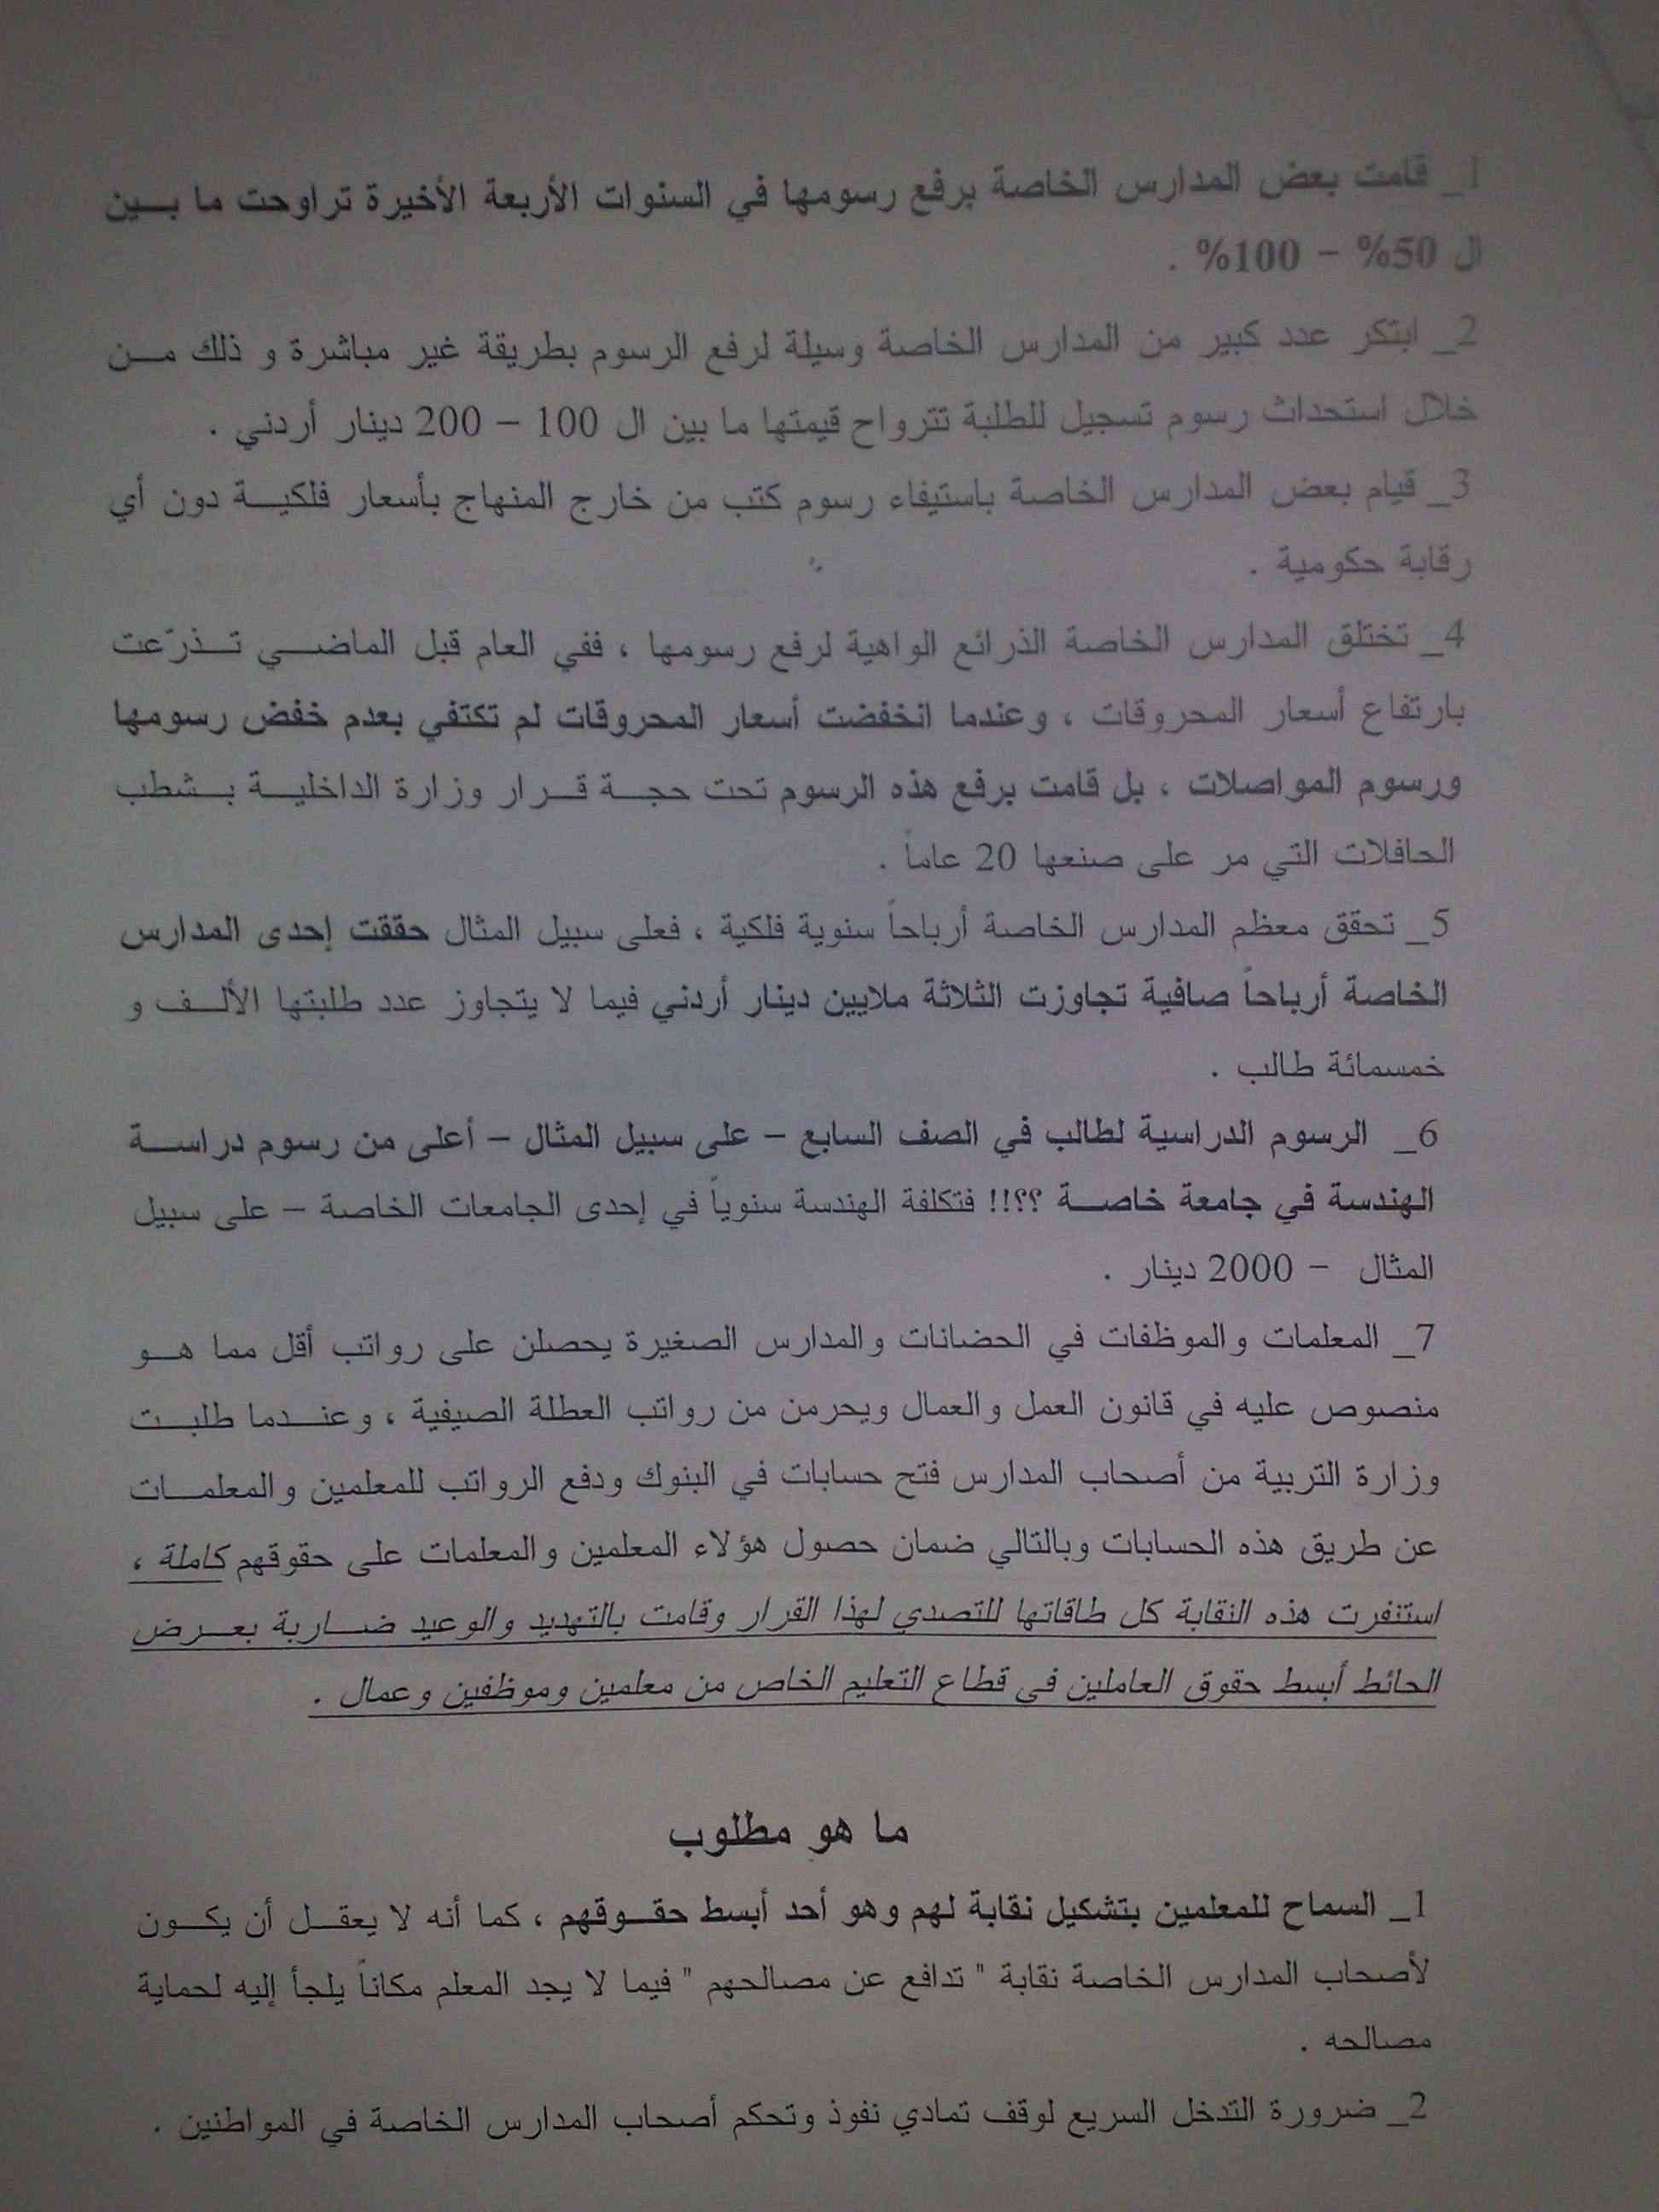 """قرائة الحملة الوطنية من اجل حقوق الطلبة"""" ذبحتونا"""" حول المدارس الخاصة Thab7t14"""